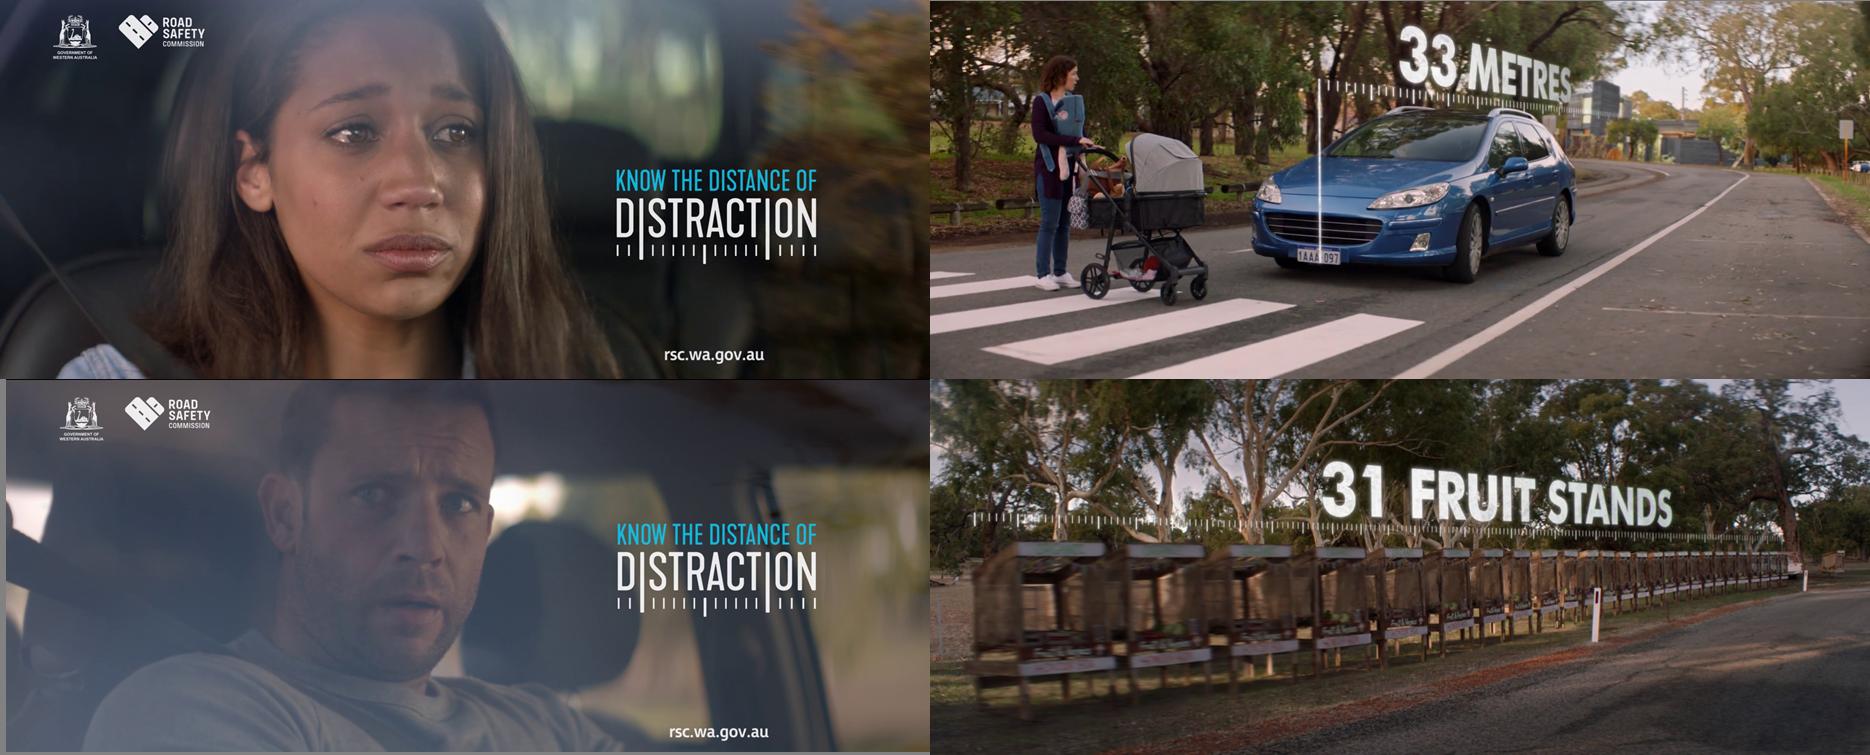 ขับรถต้องรู้จัก 'ระยะอันตราย' แค่ละสายตาจากถนนสองวิ อุบัติเหตุก็เกิดขึ้นได้ทันที!